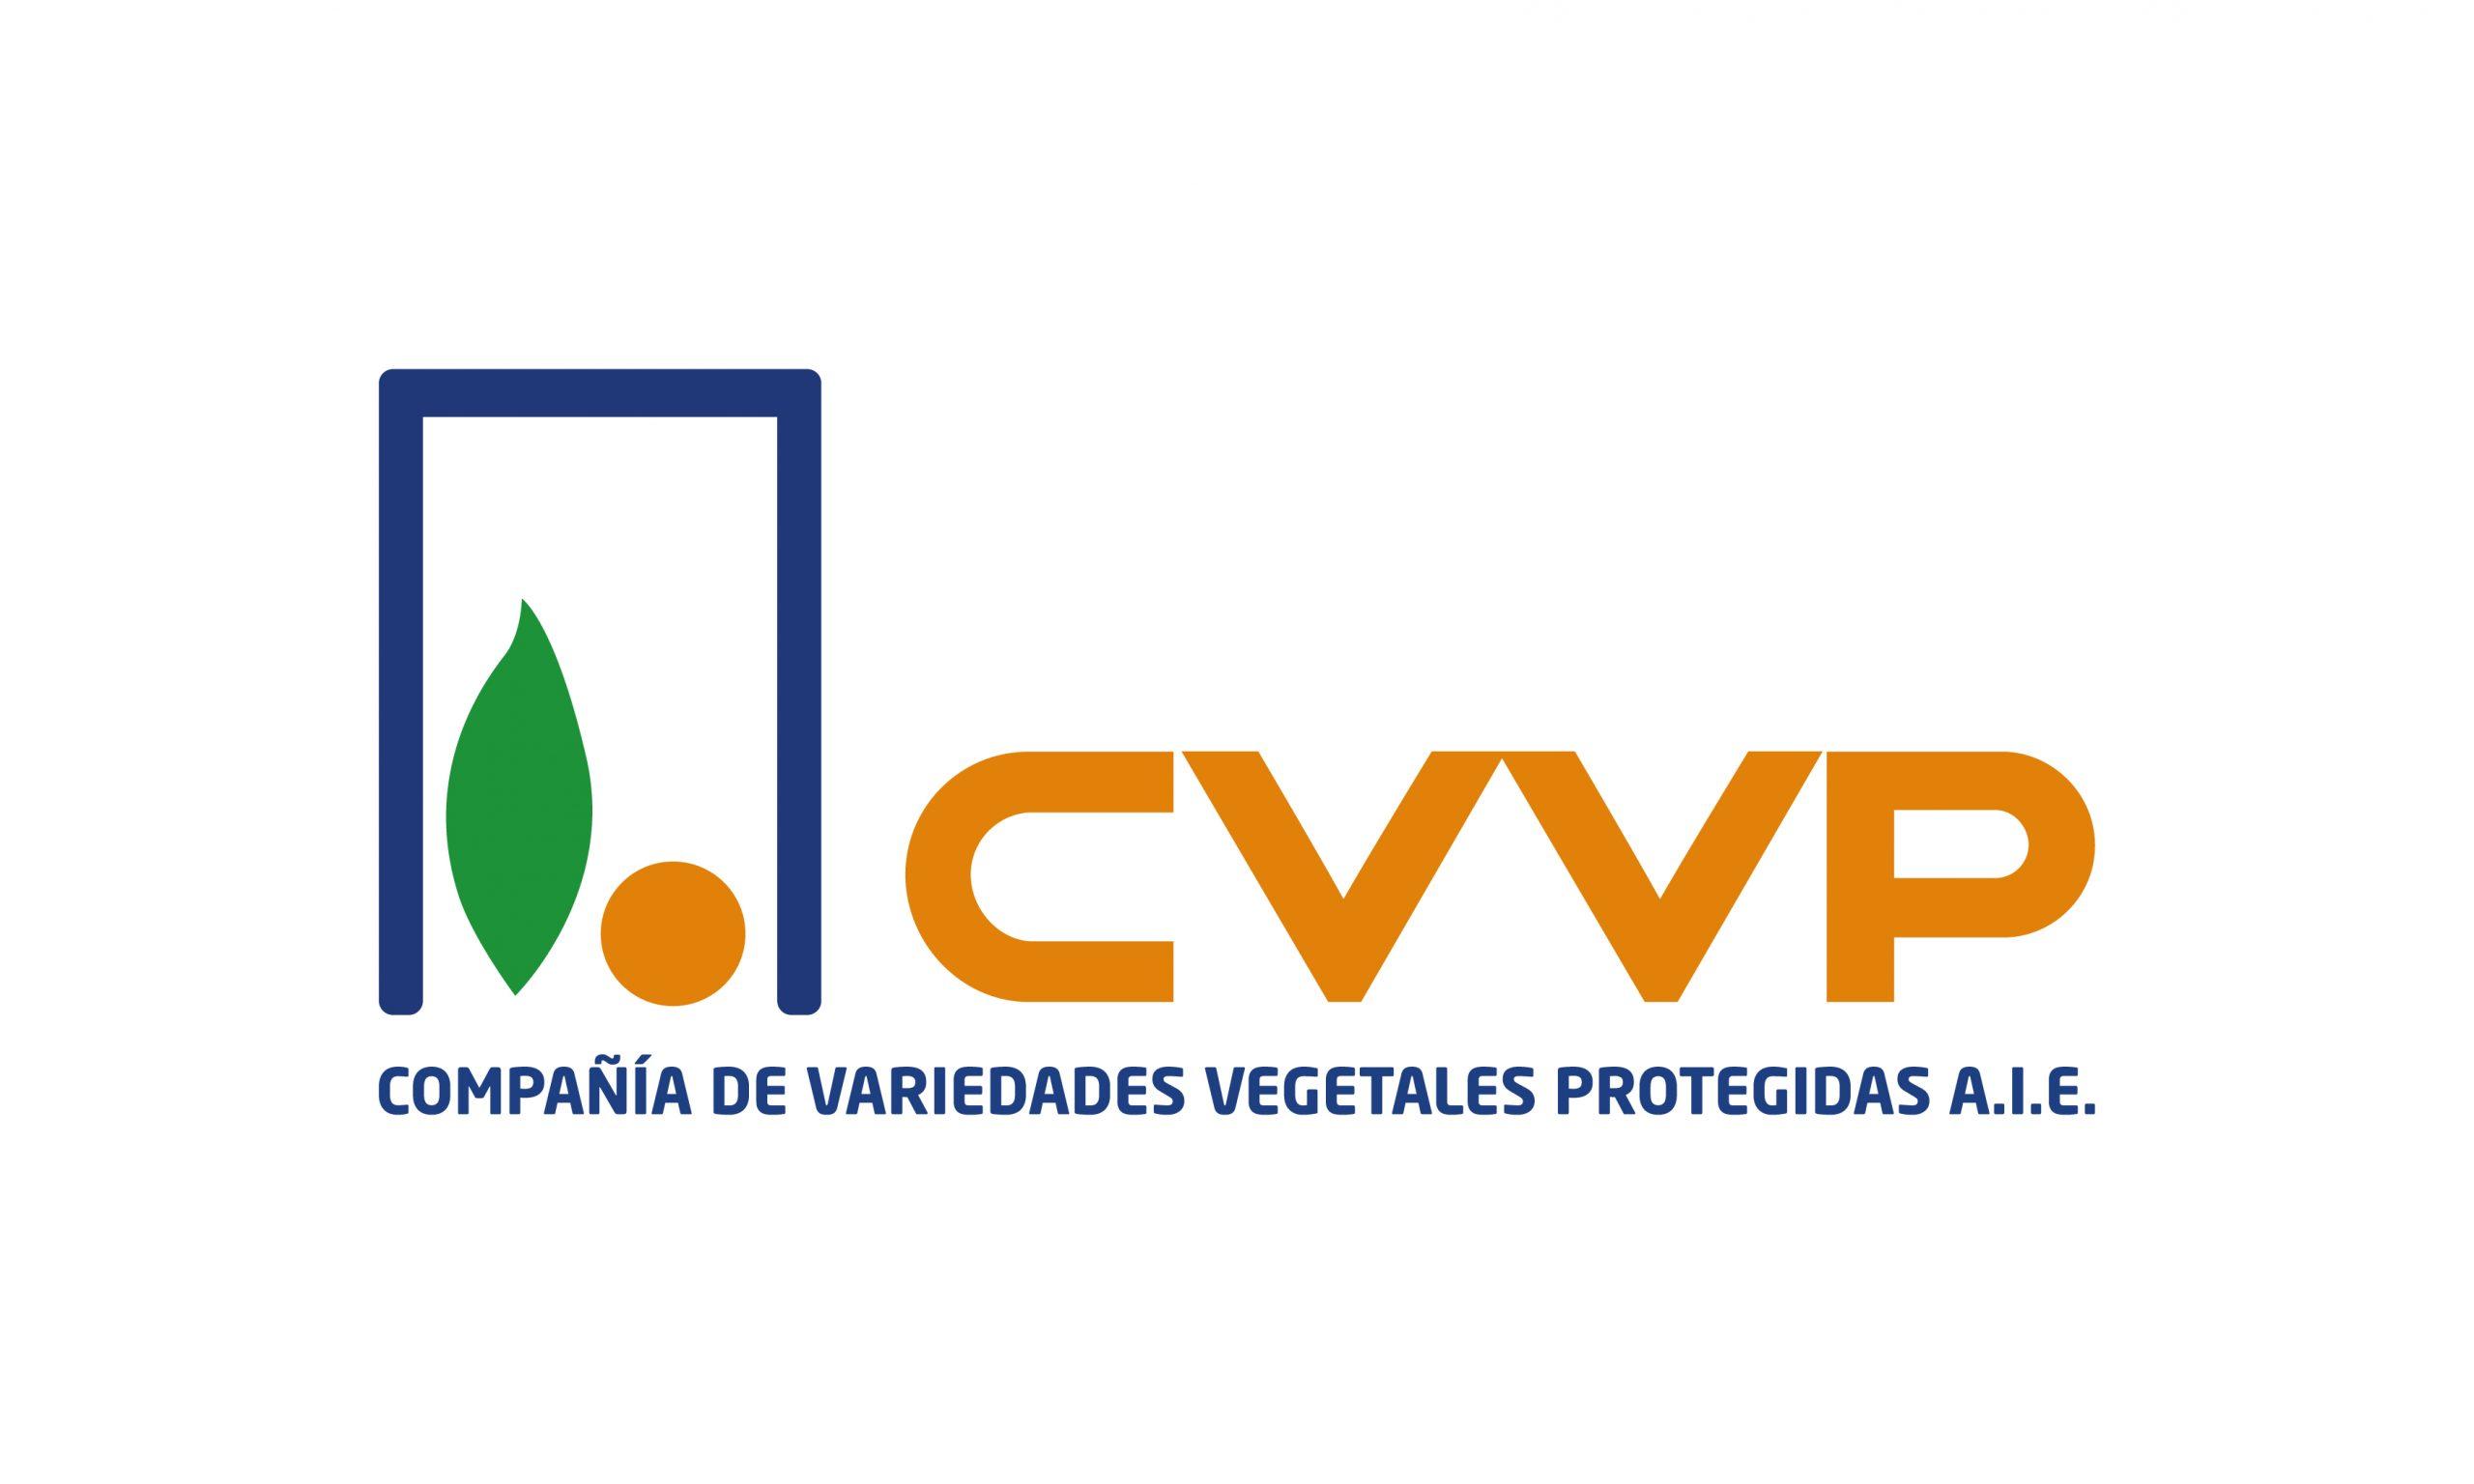 CVVP, à la carte management of plant varieties